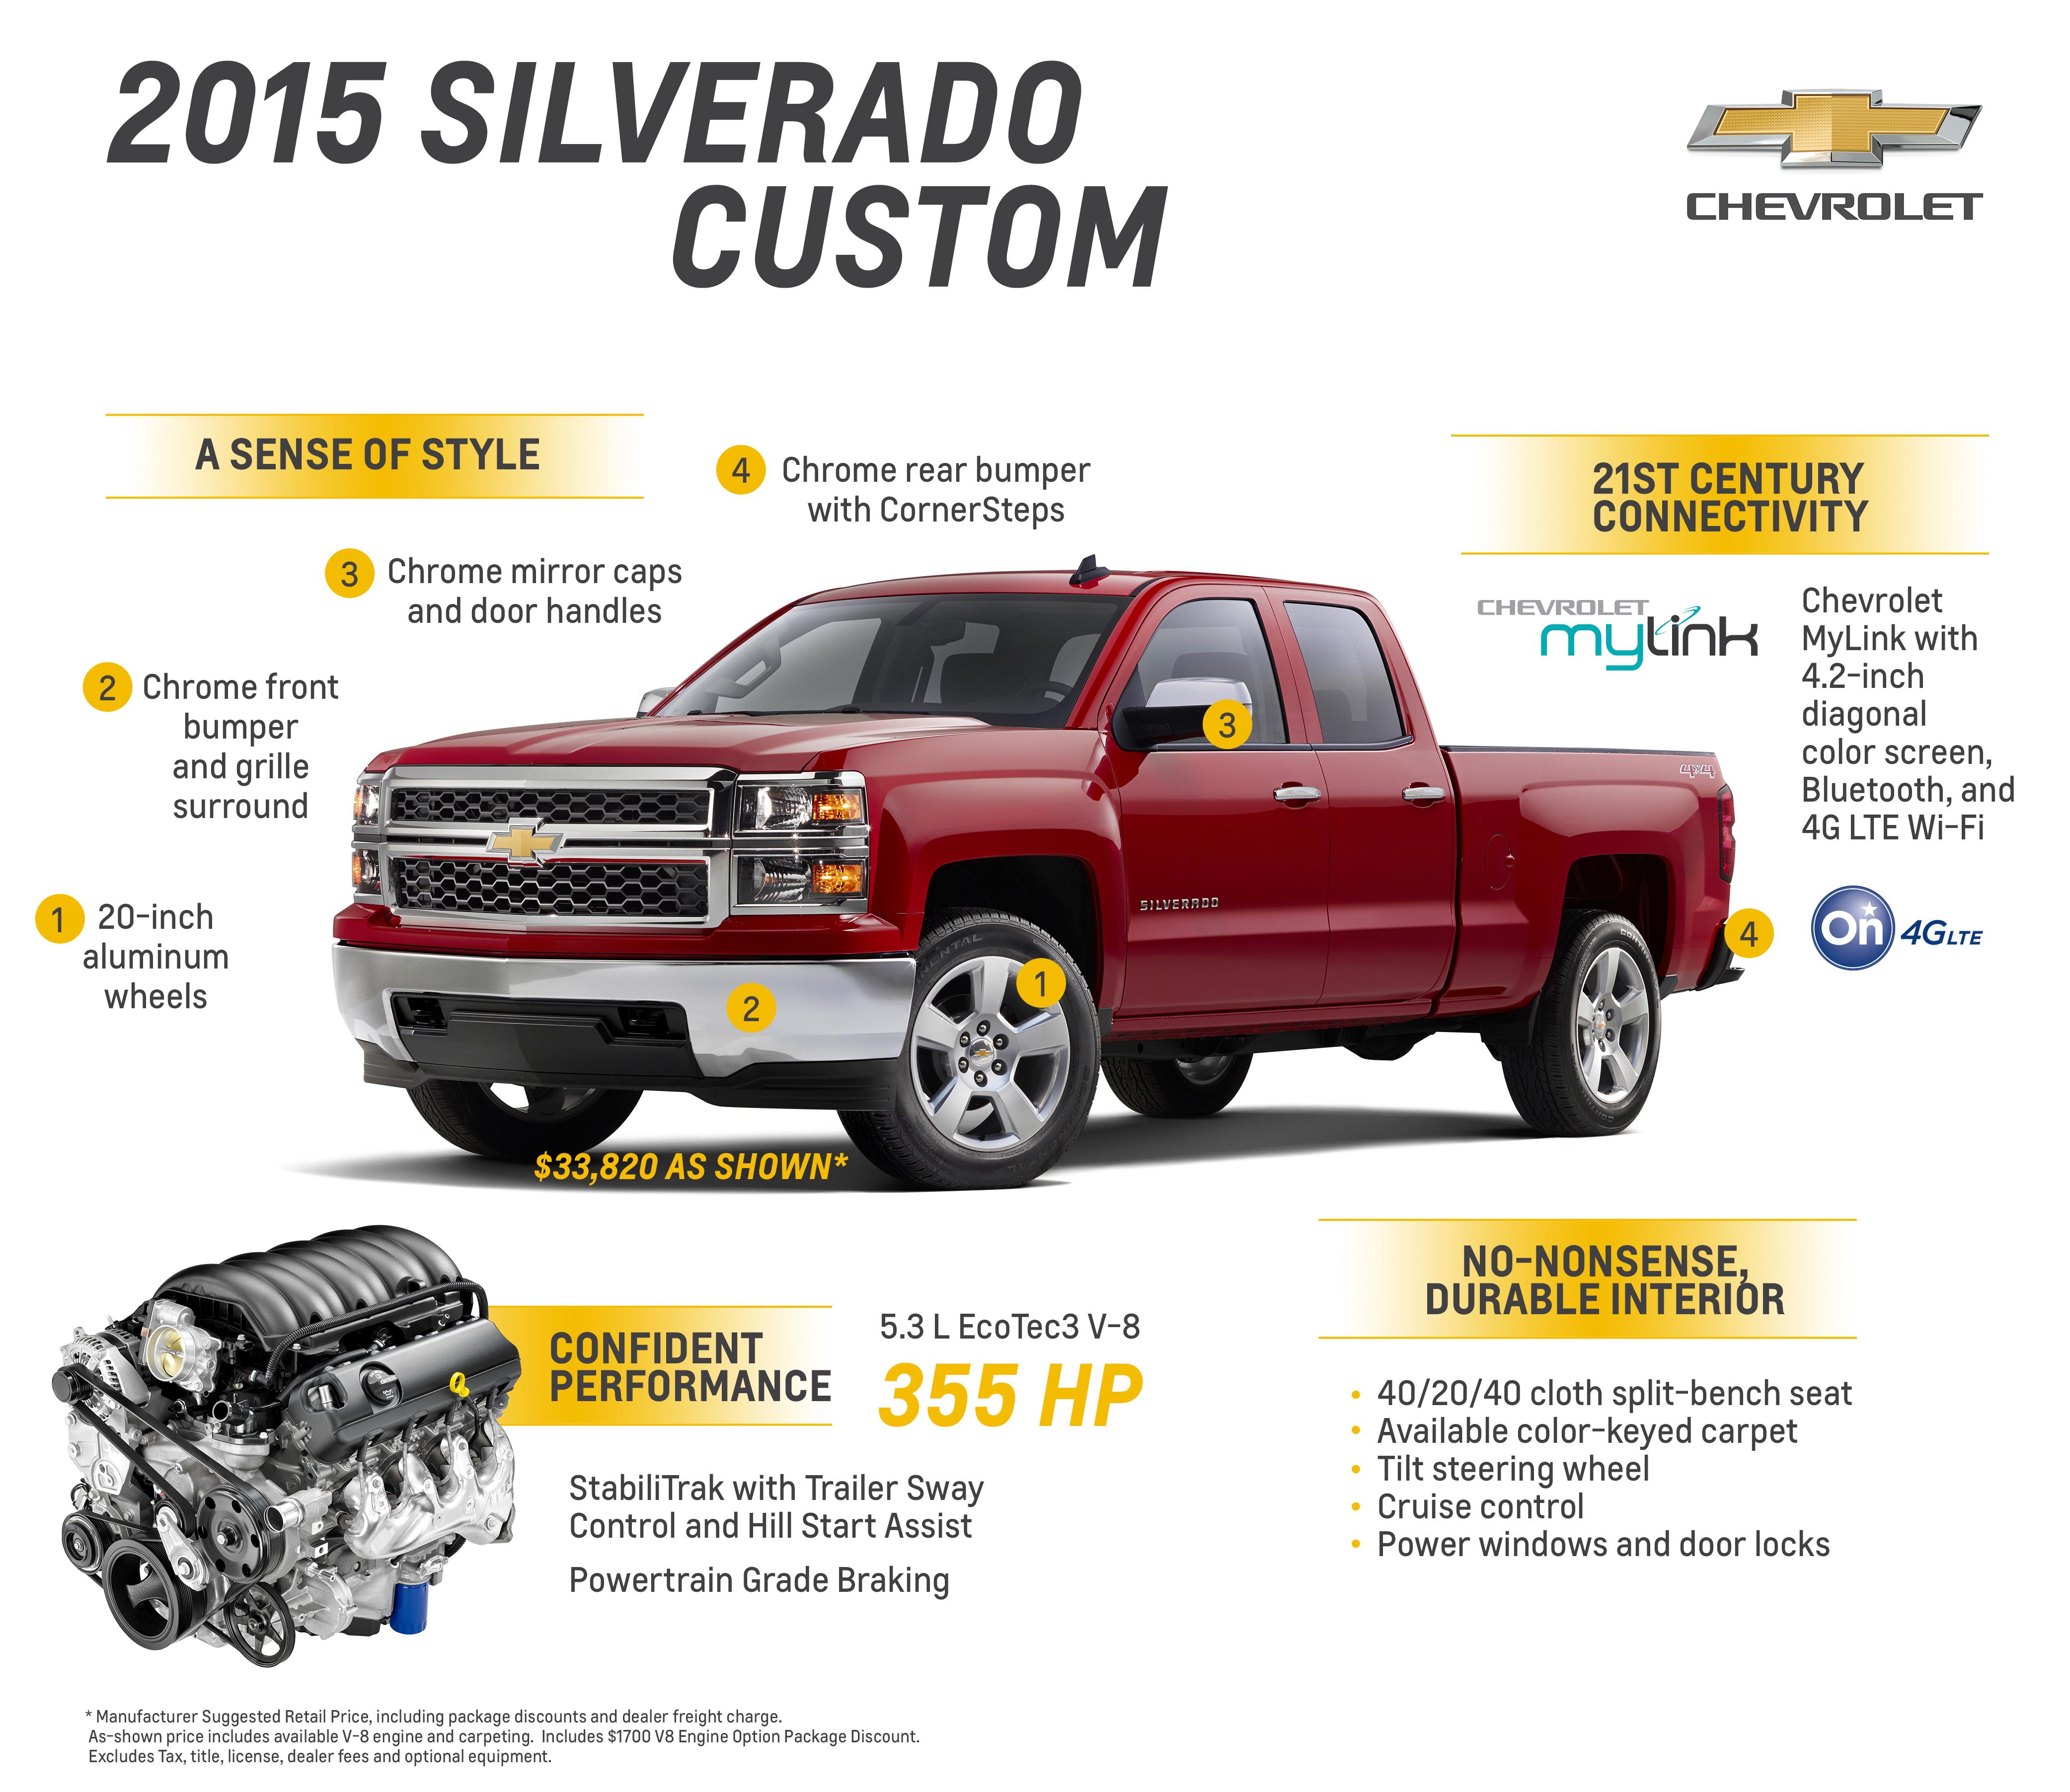 2015 Silverado Custom Back To Basics With Style Com Chevy 1x6jkneedsparkplugdiagram78350chevyenginehtml